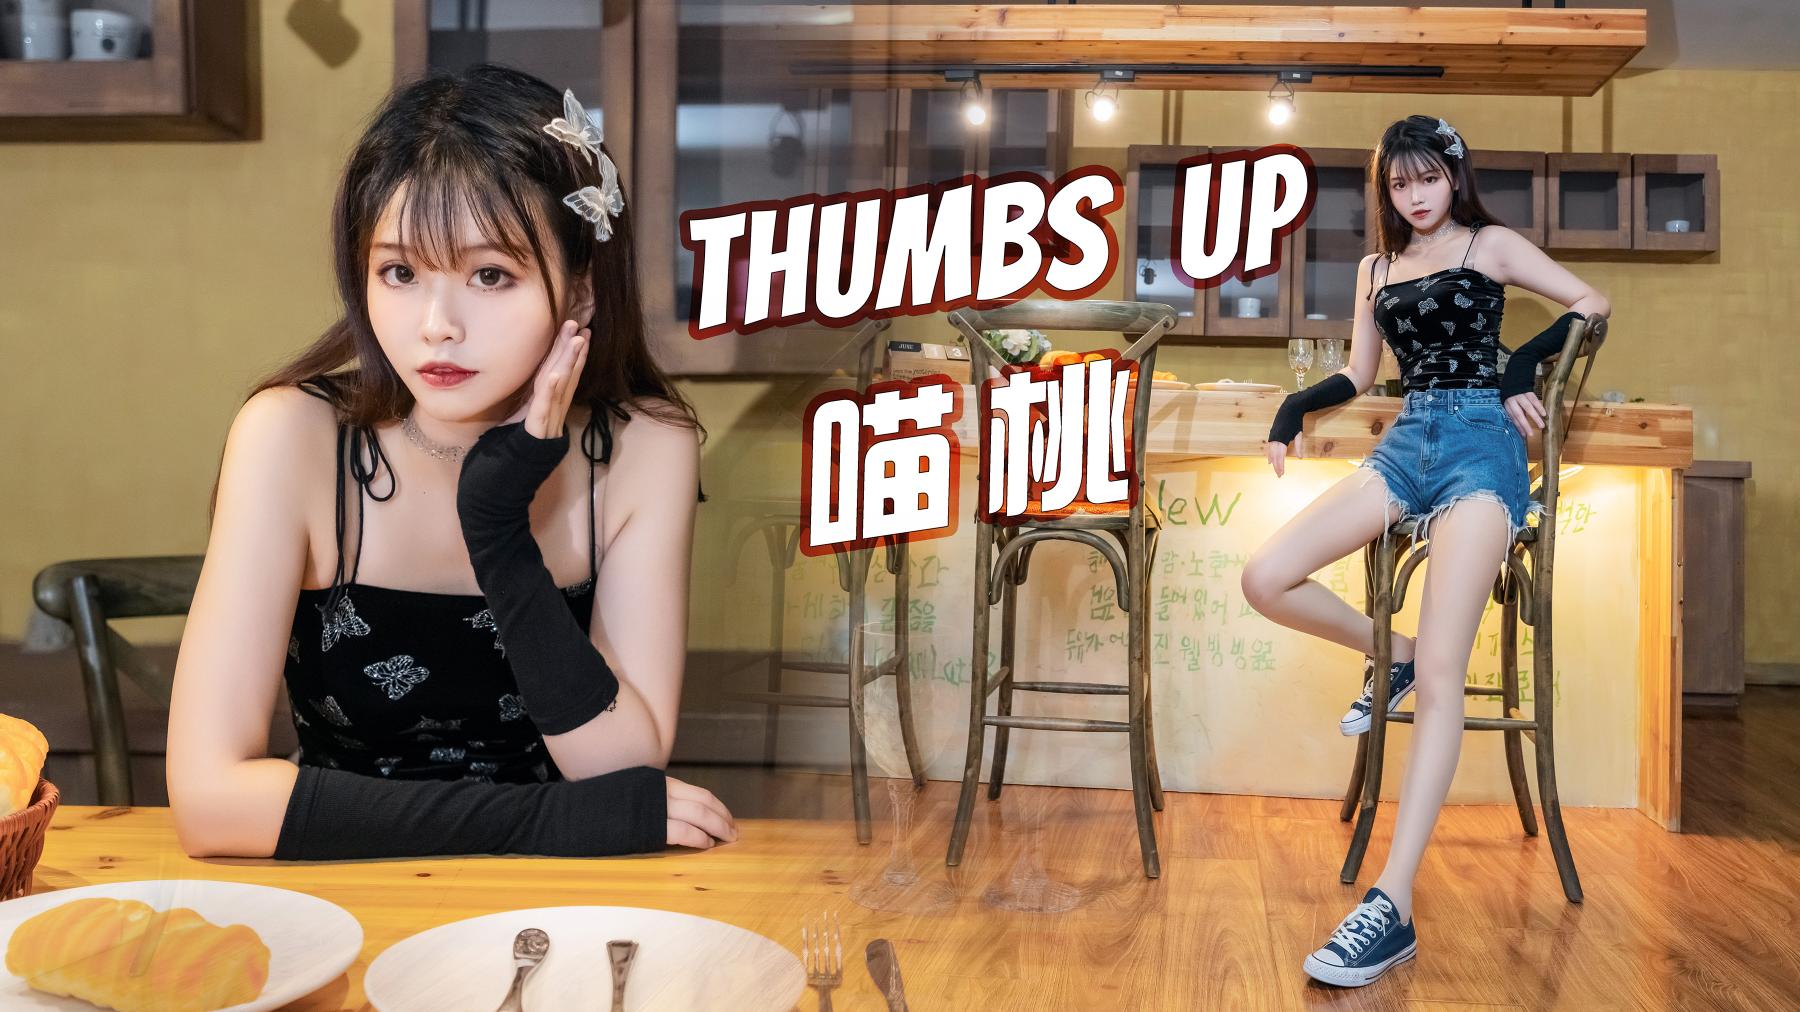 【喵桃】thumbs up!一起来蹦迪!